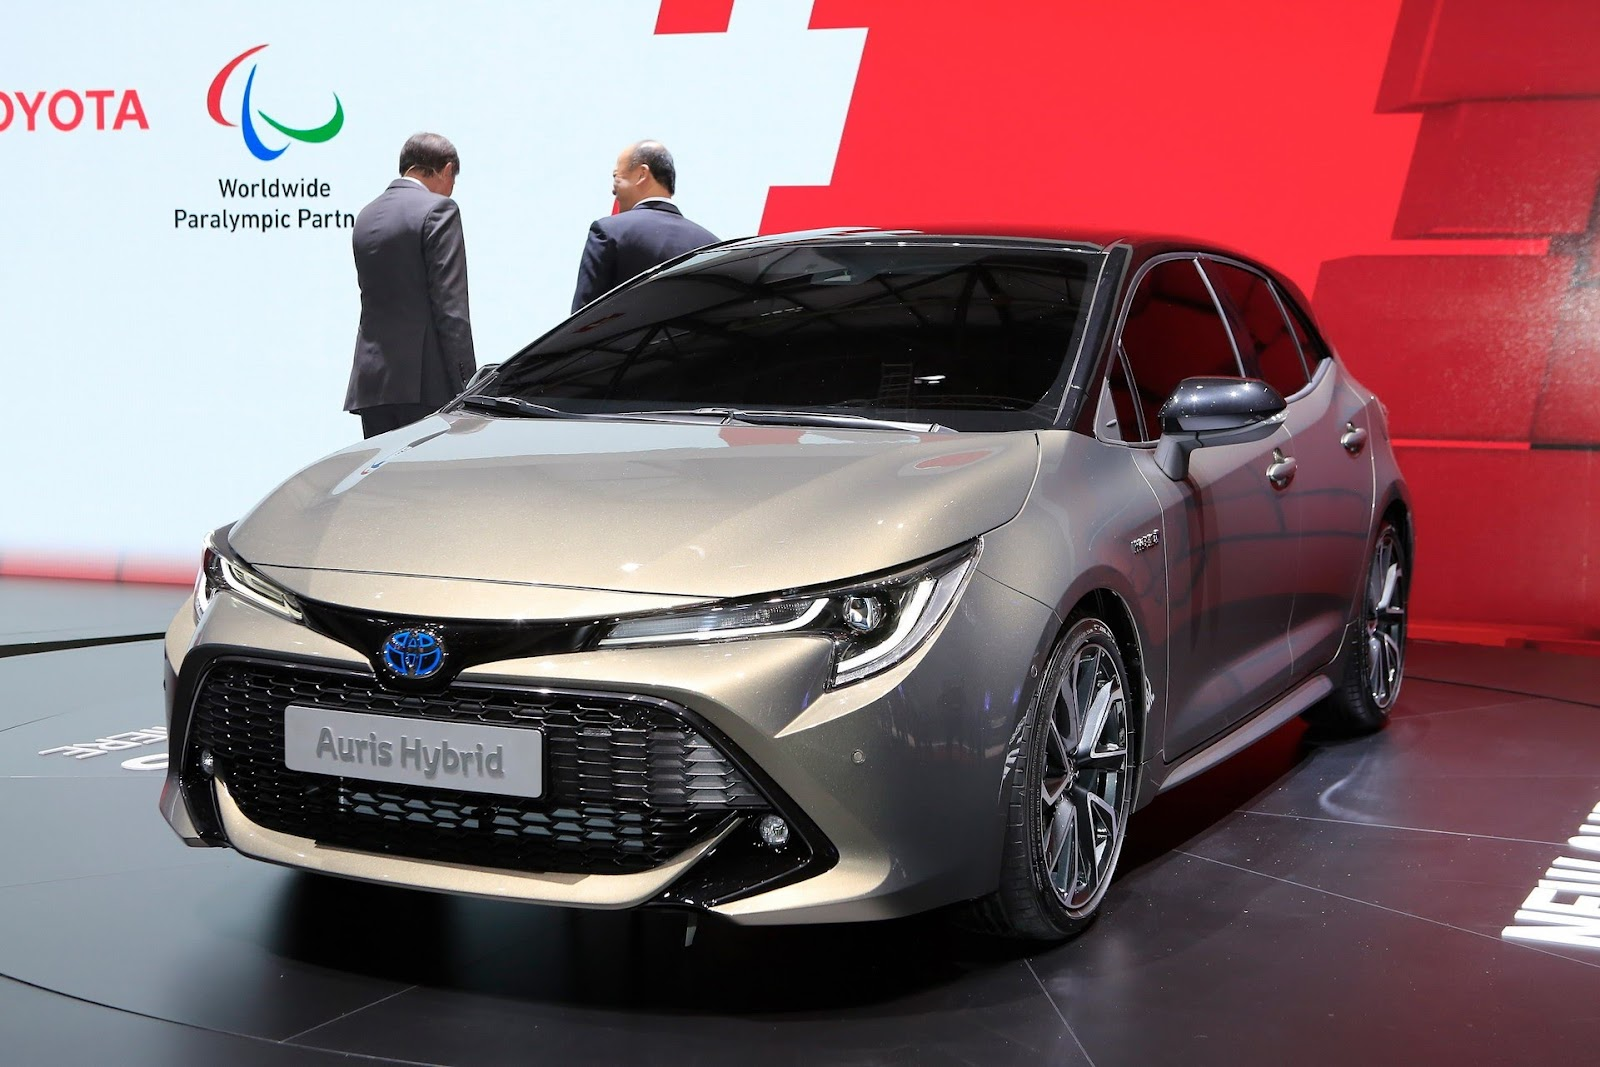 all new corolla altis 2019 toyota yaris trd sportivo pantip auris 39de dizel yerine hibrit seçenekler ön